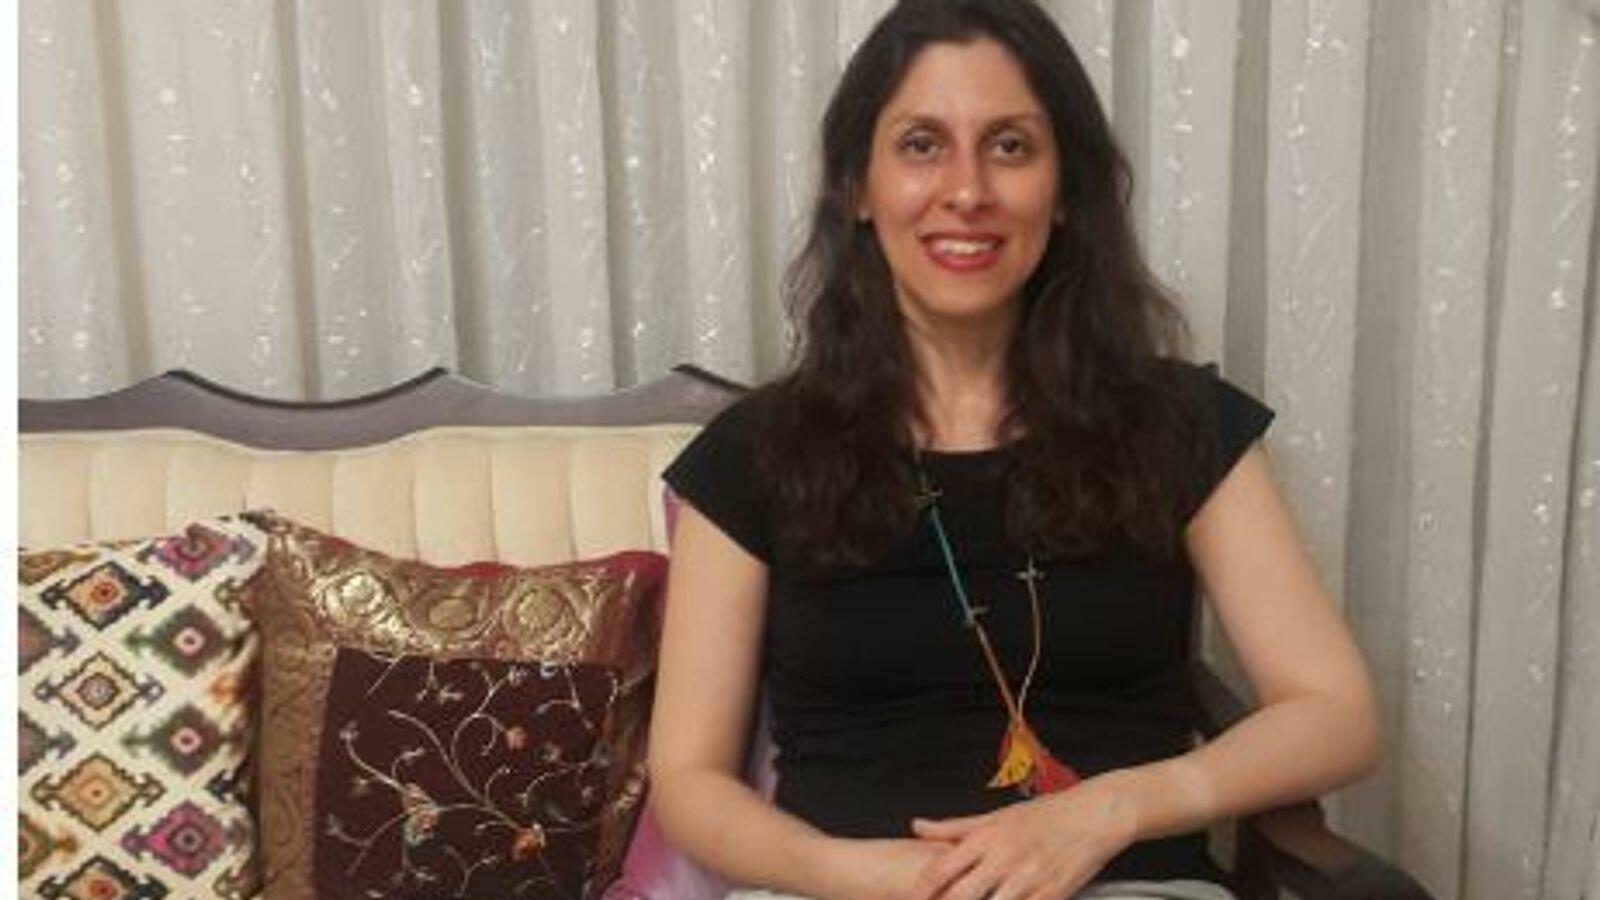 نازنین زاغری-رتکلیف، شهروند ایرانی-بریتانیایی